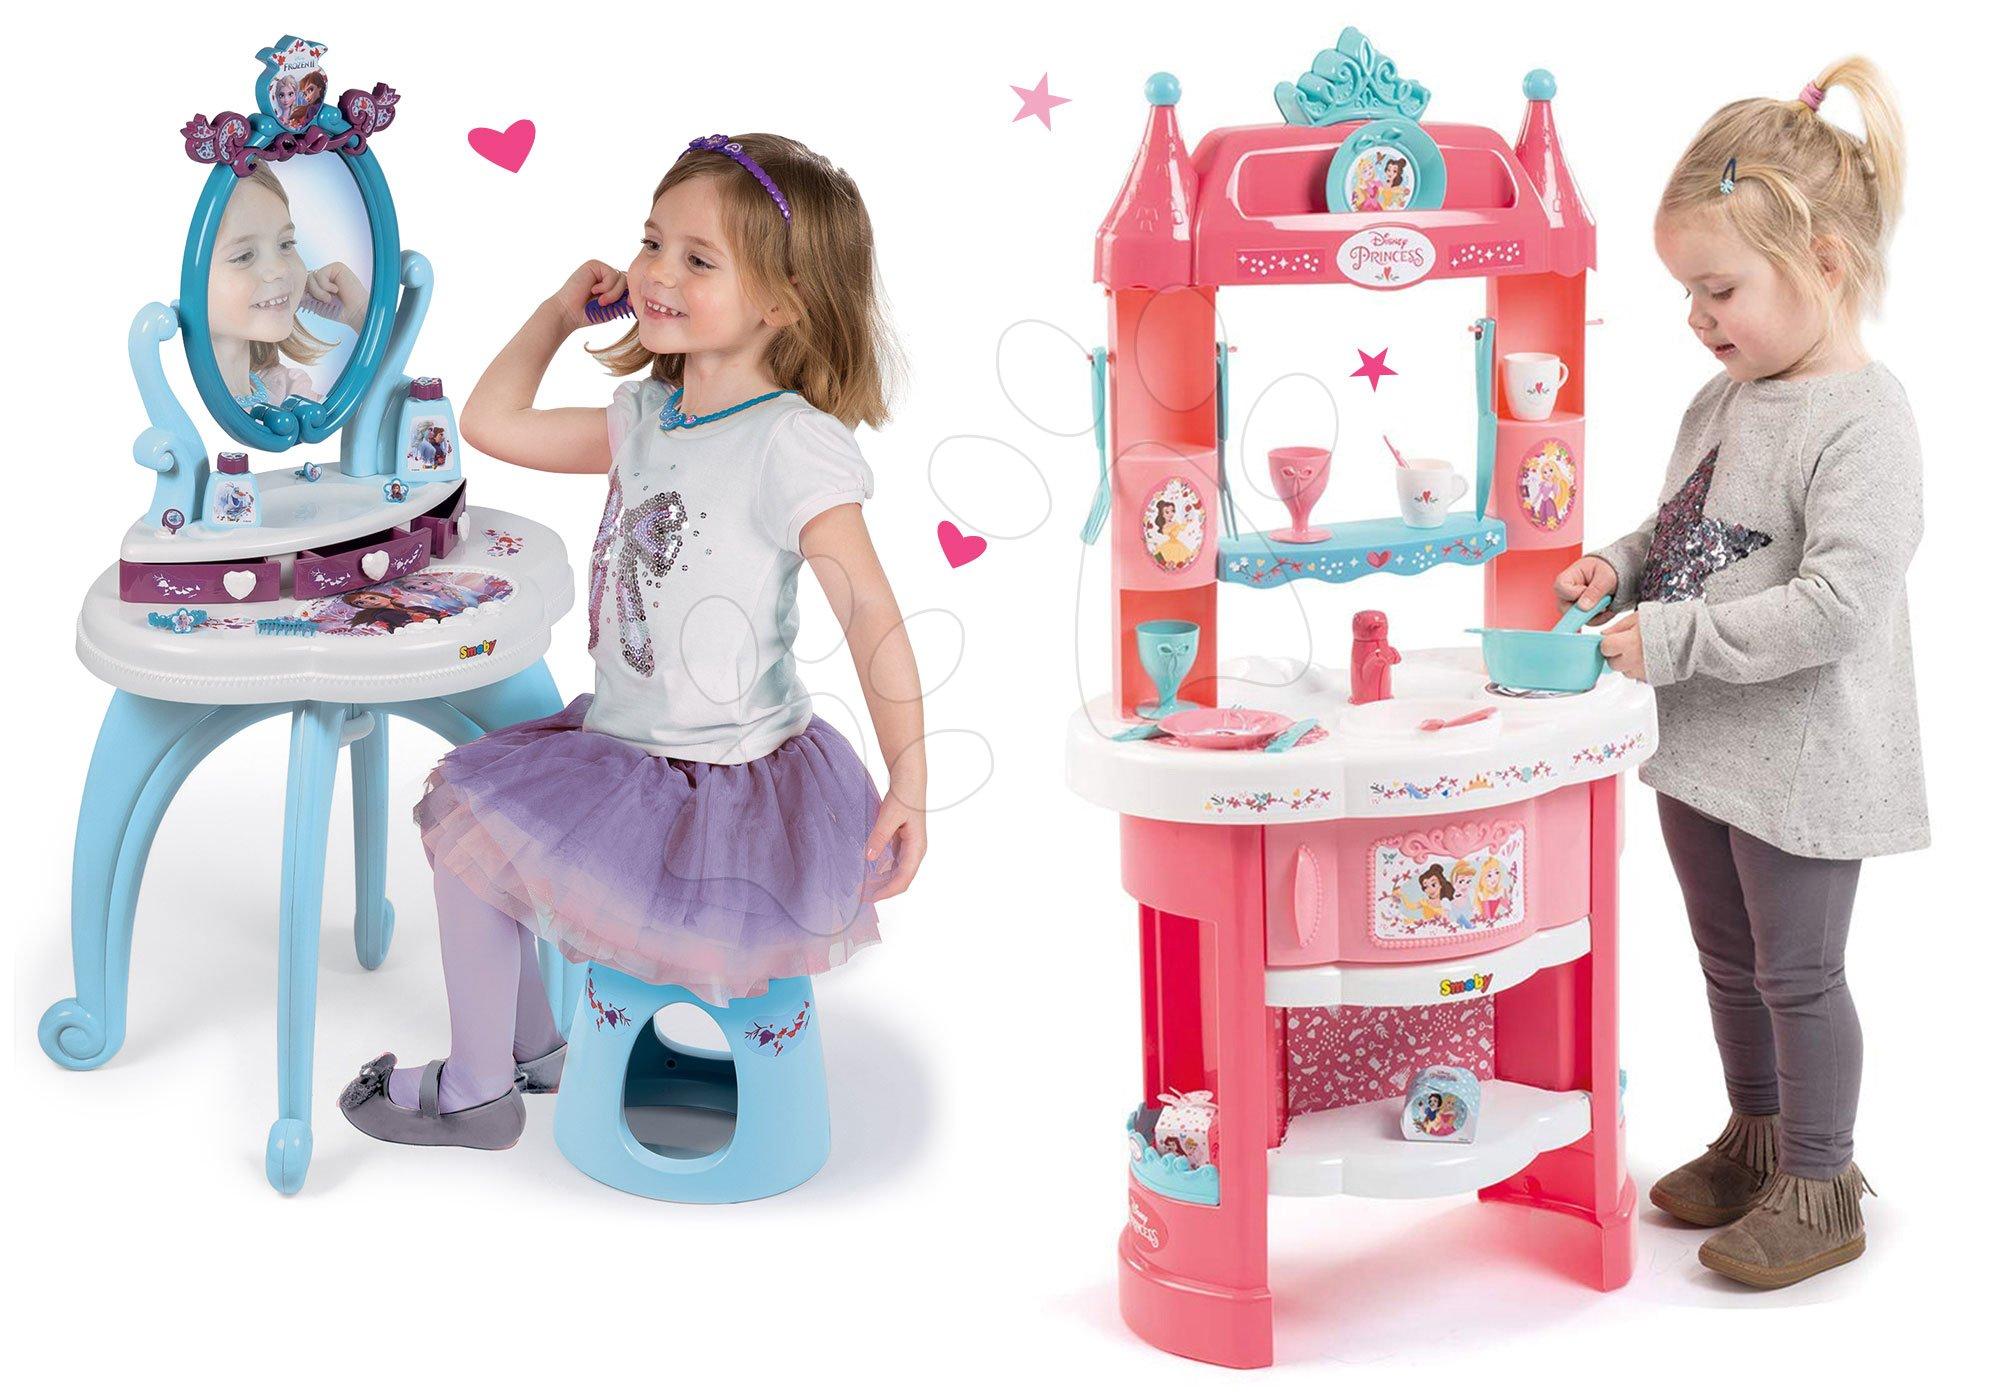 Kuhinje za djecu setovi - Set kuhinja Princeze Smoby obostrana s tornjevima i 19 dodataka te kozmetički stolić sa stolcem